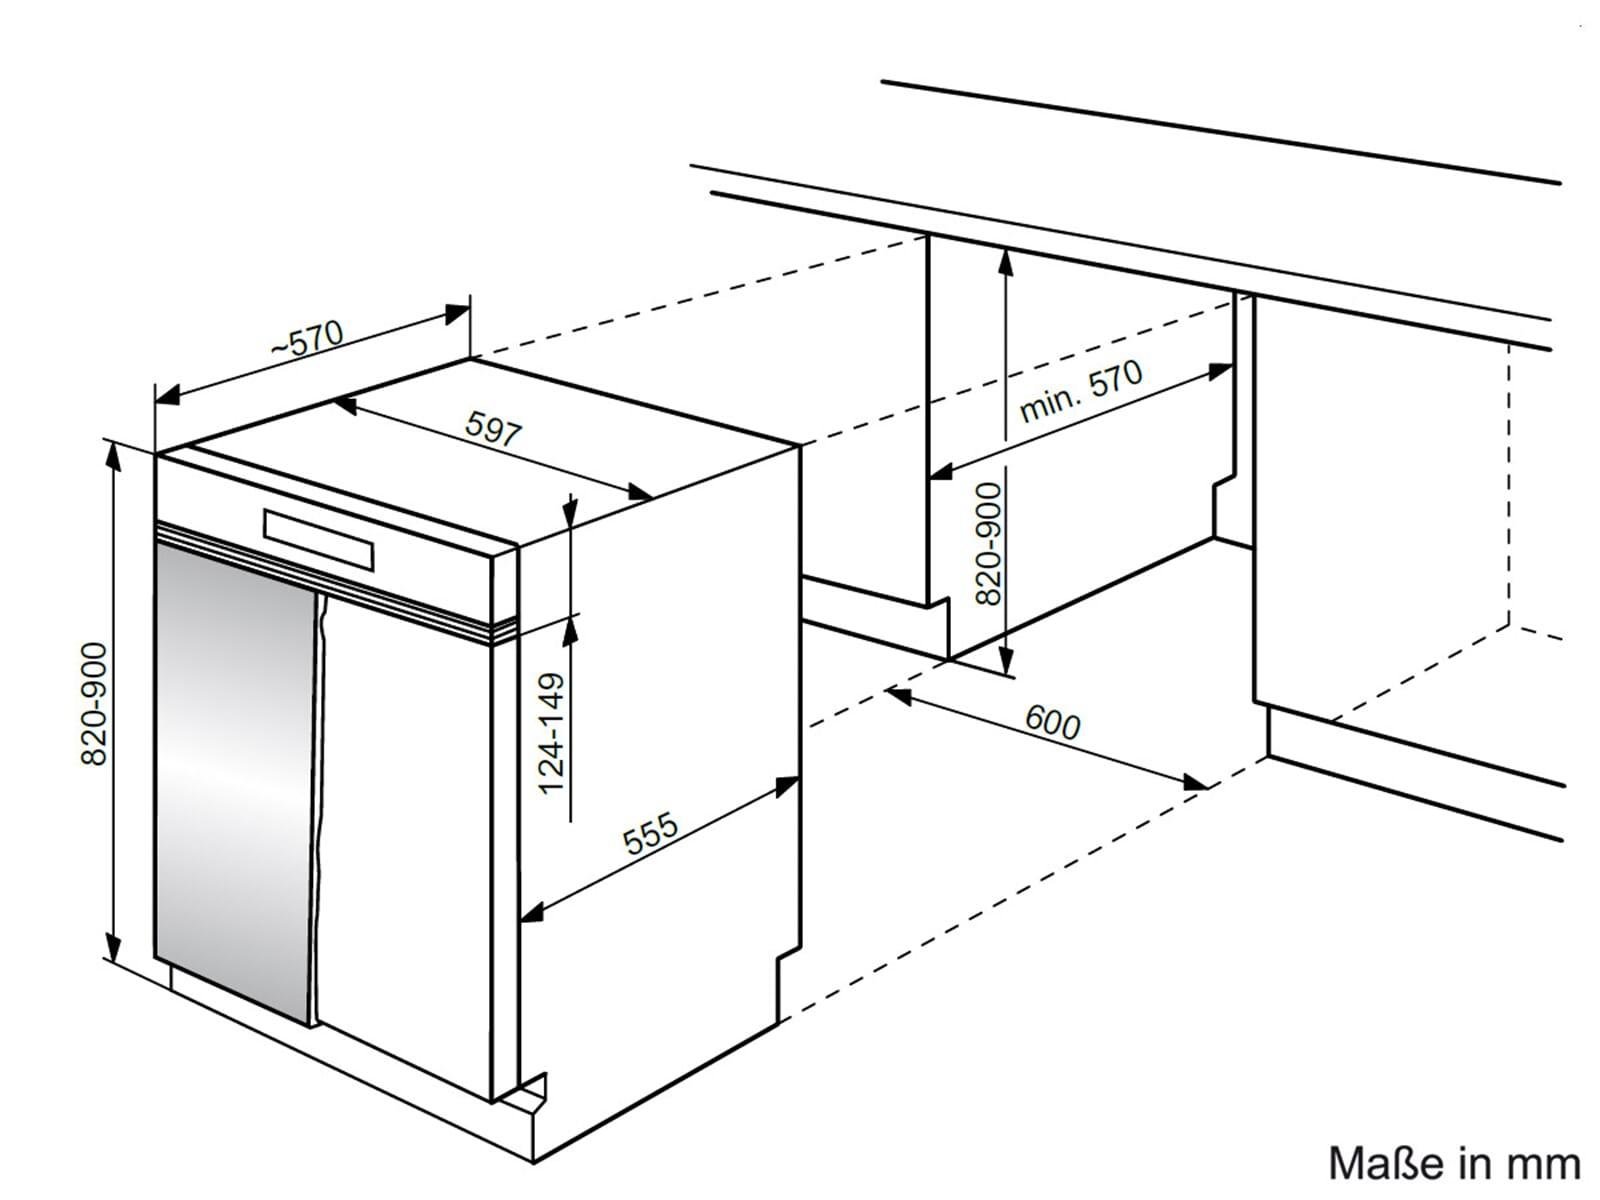 bauknecht gsis 5104a1i teilintegriert einbau geschirrsp ler sp lmaschine blende ebay. Black Bedroom Furniture Sets. Home Design Ideas